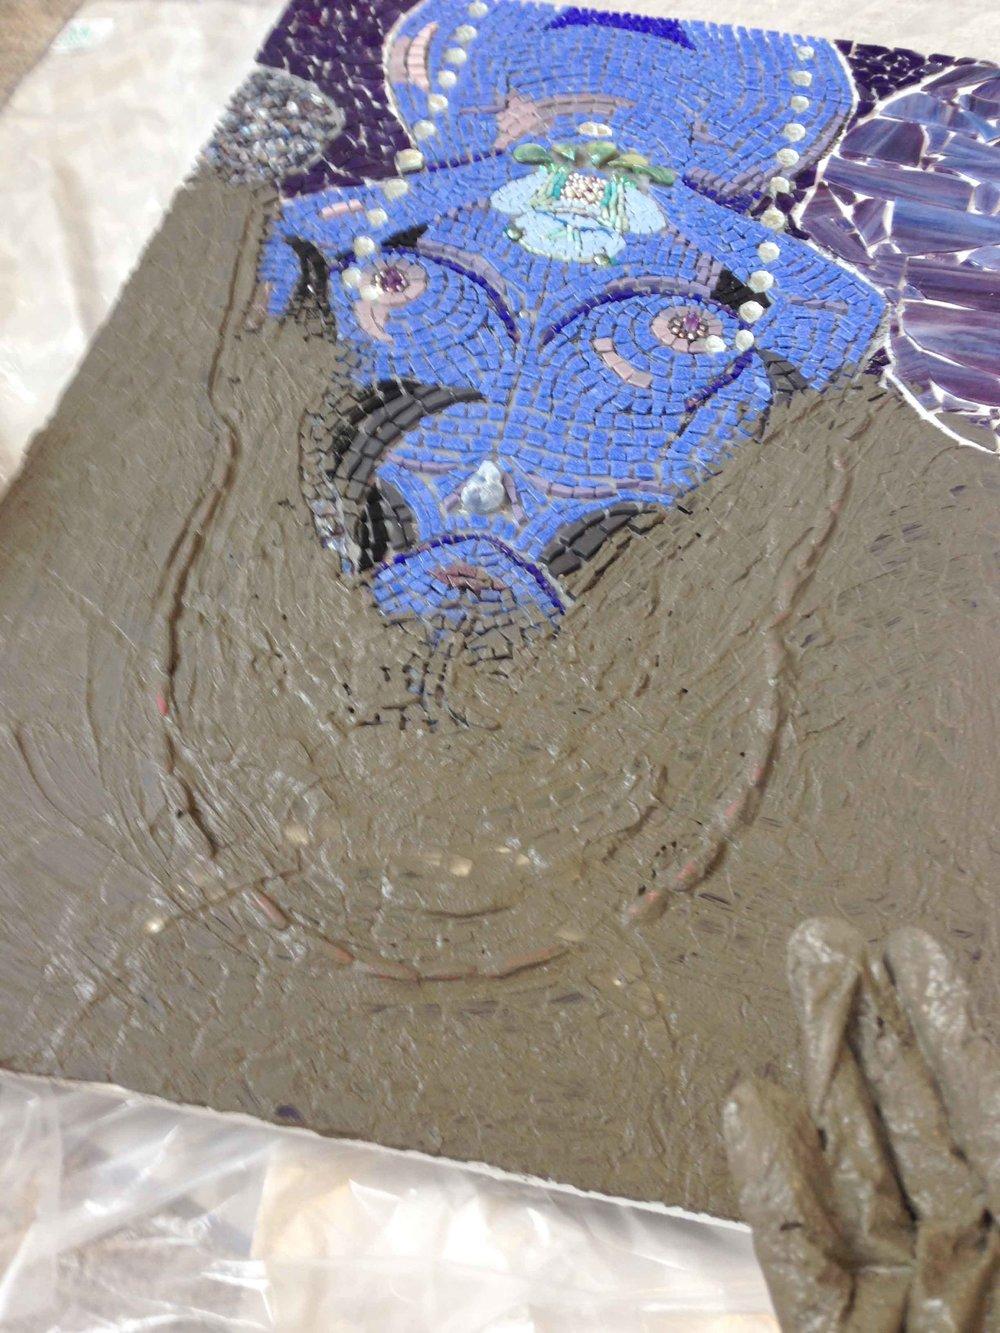 creative-empowerment-blue-goddess-caee-lucht5.jpg